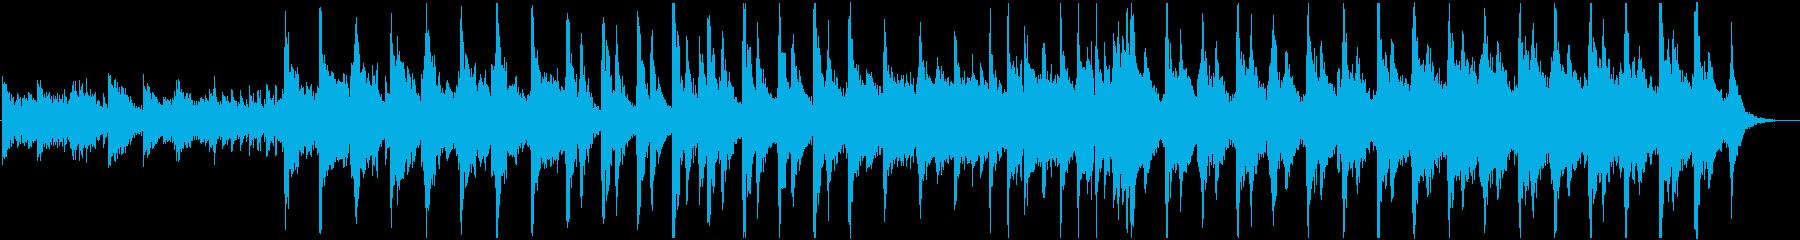 ピアノ、弦楽器、ベース、グロッケン...の再生済みの波形